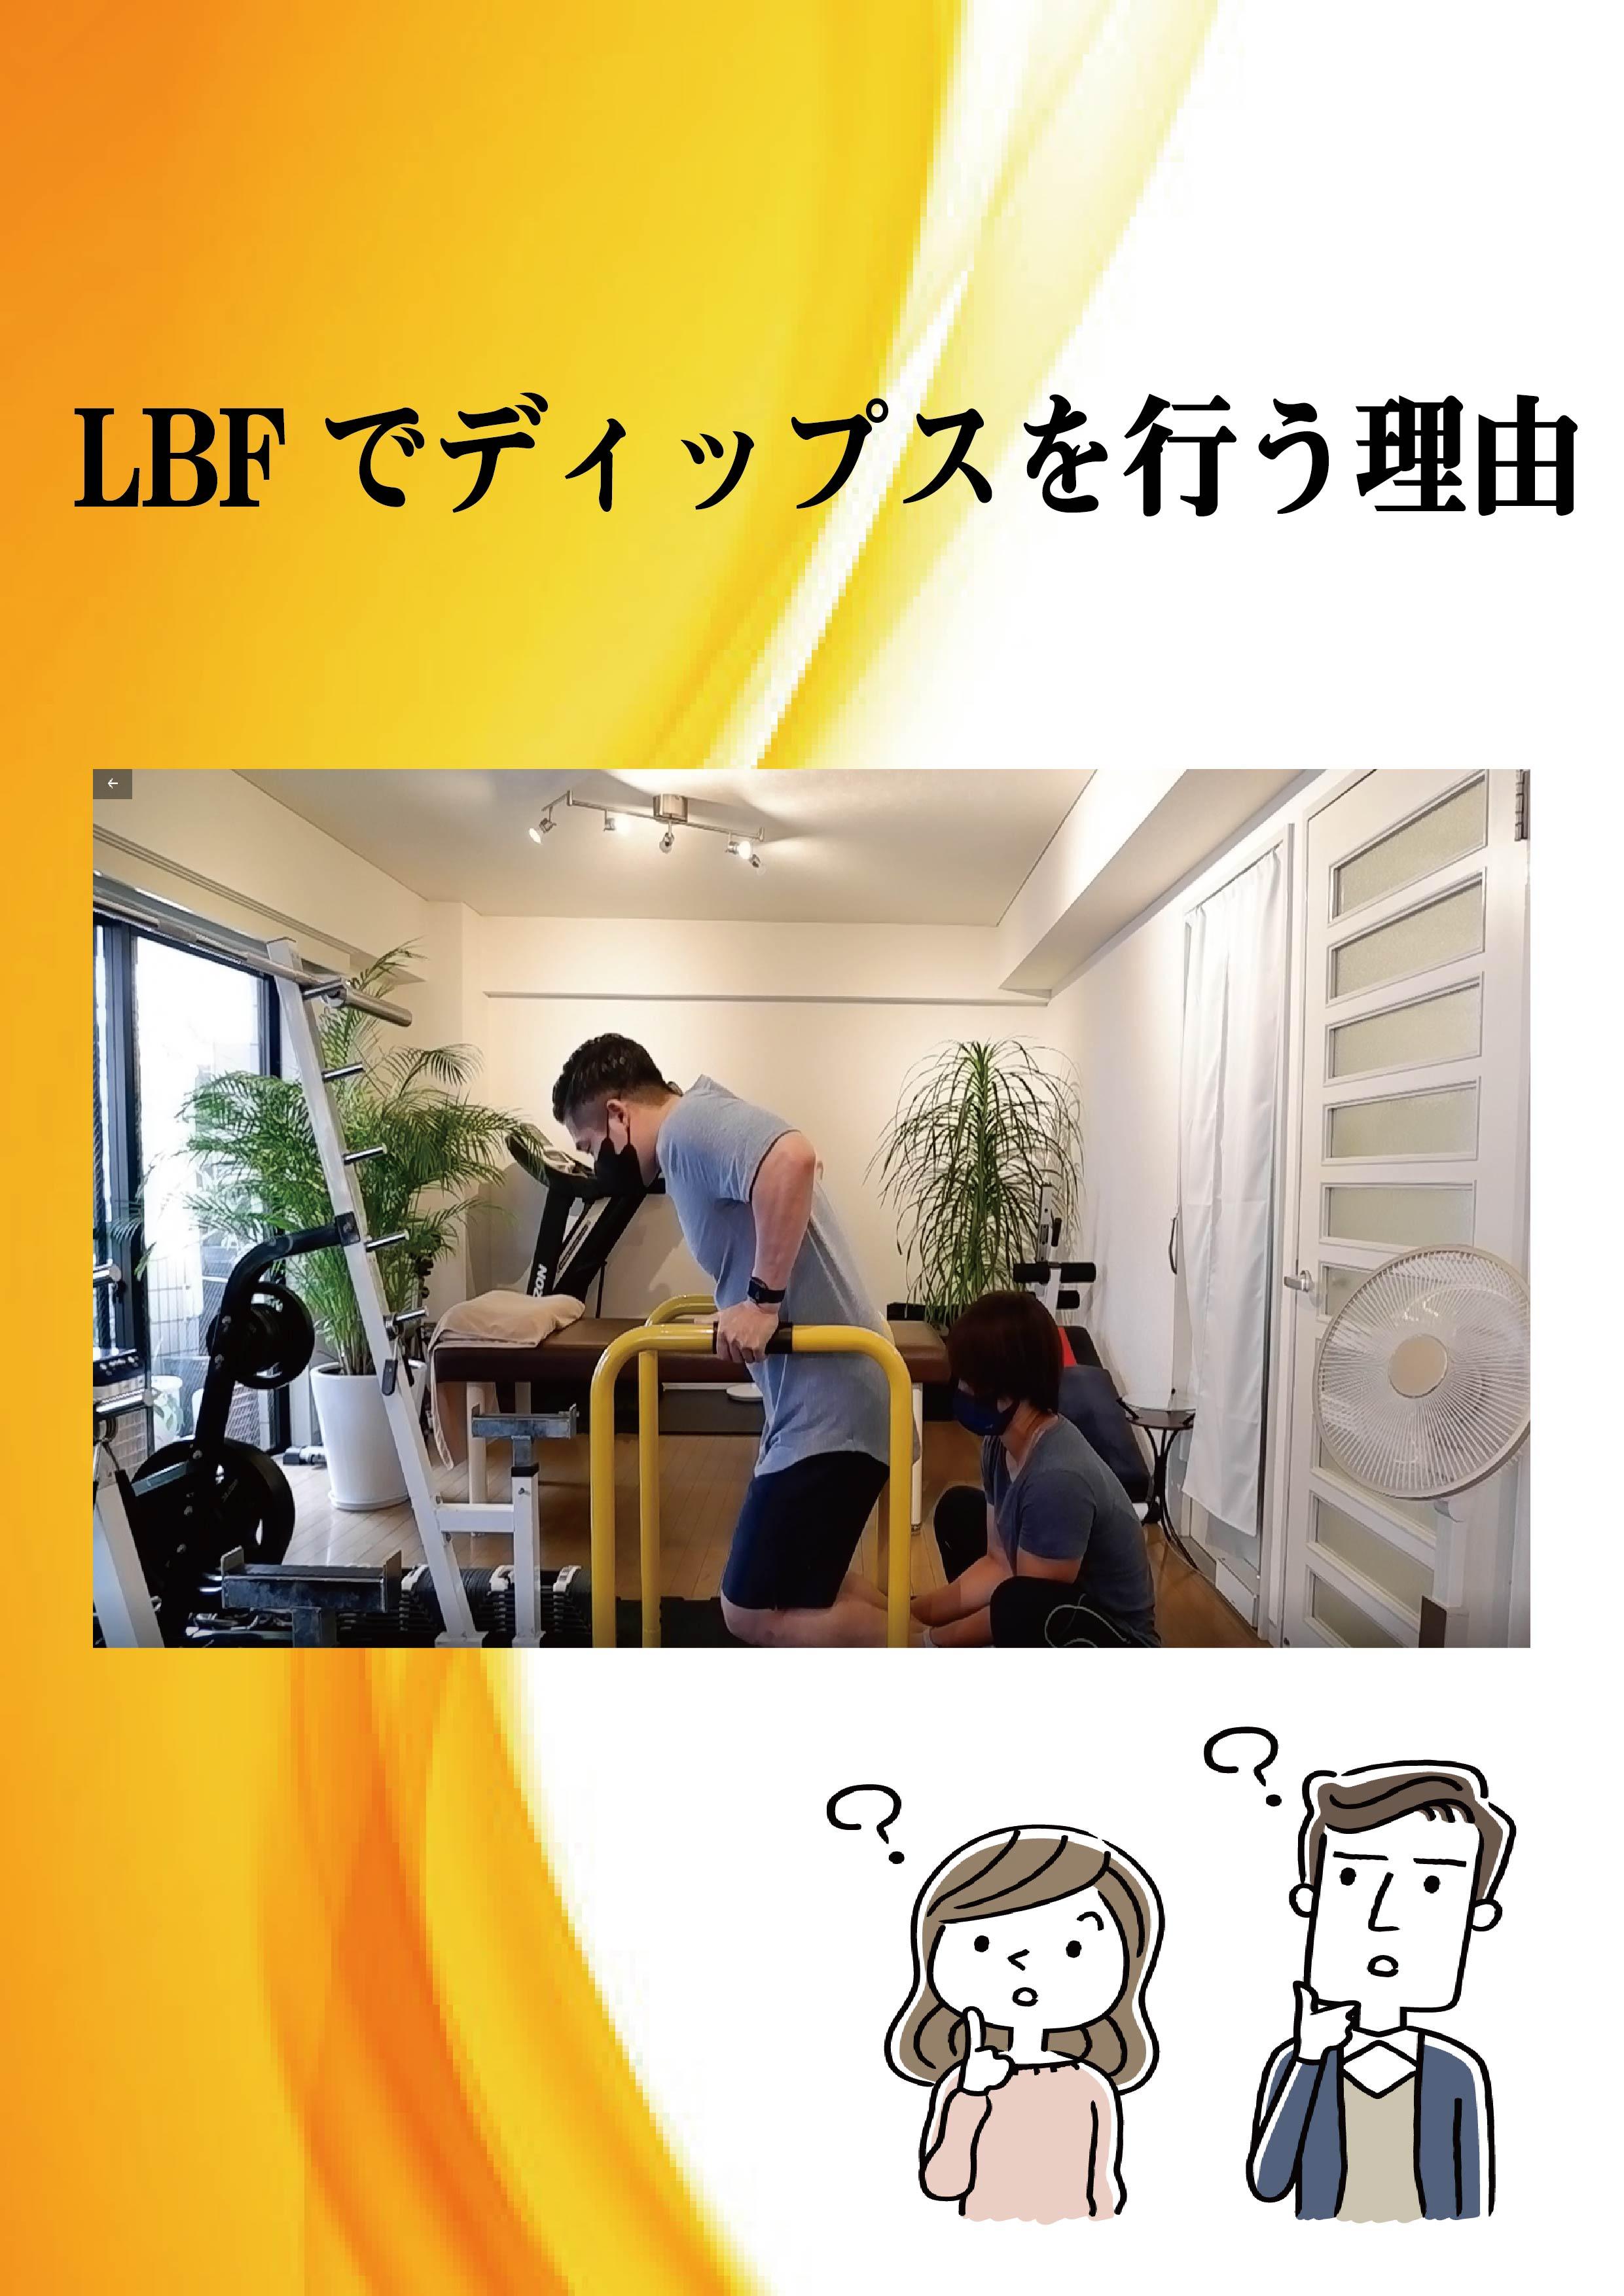 LBFでディップスを行う理由